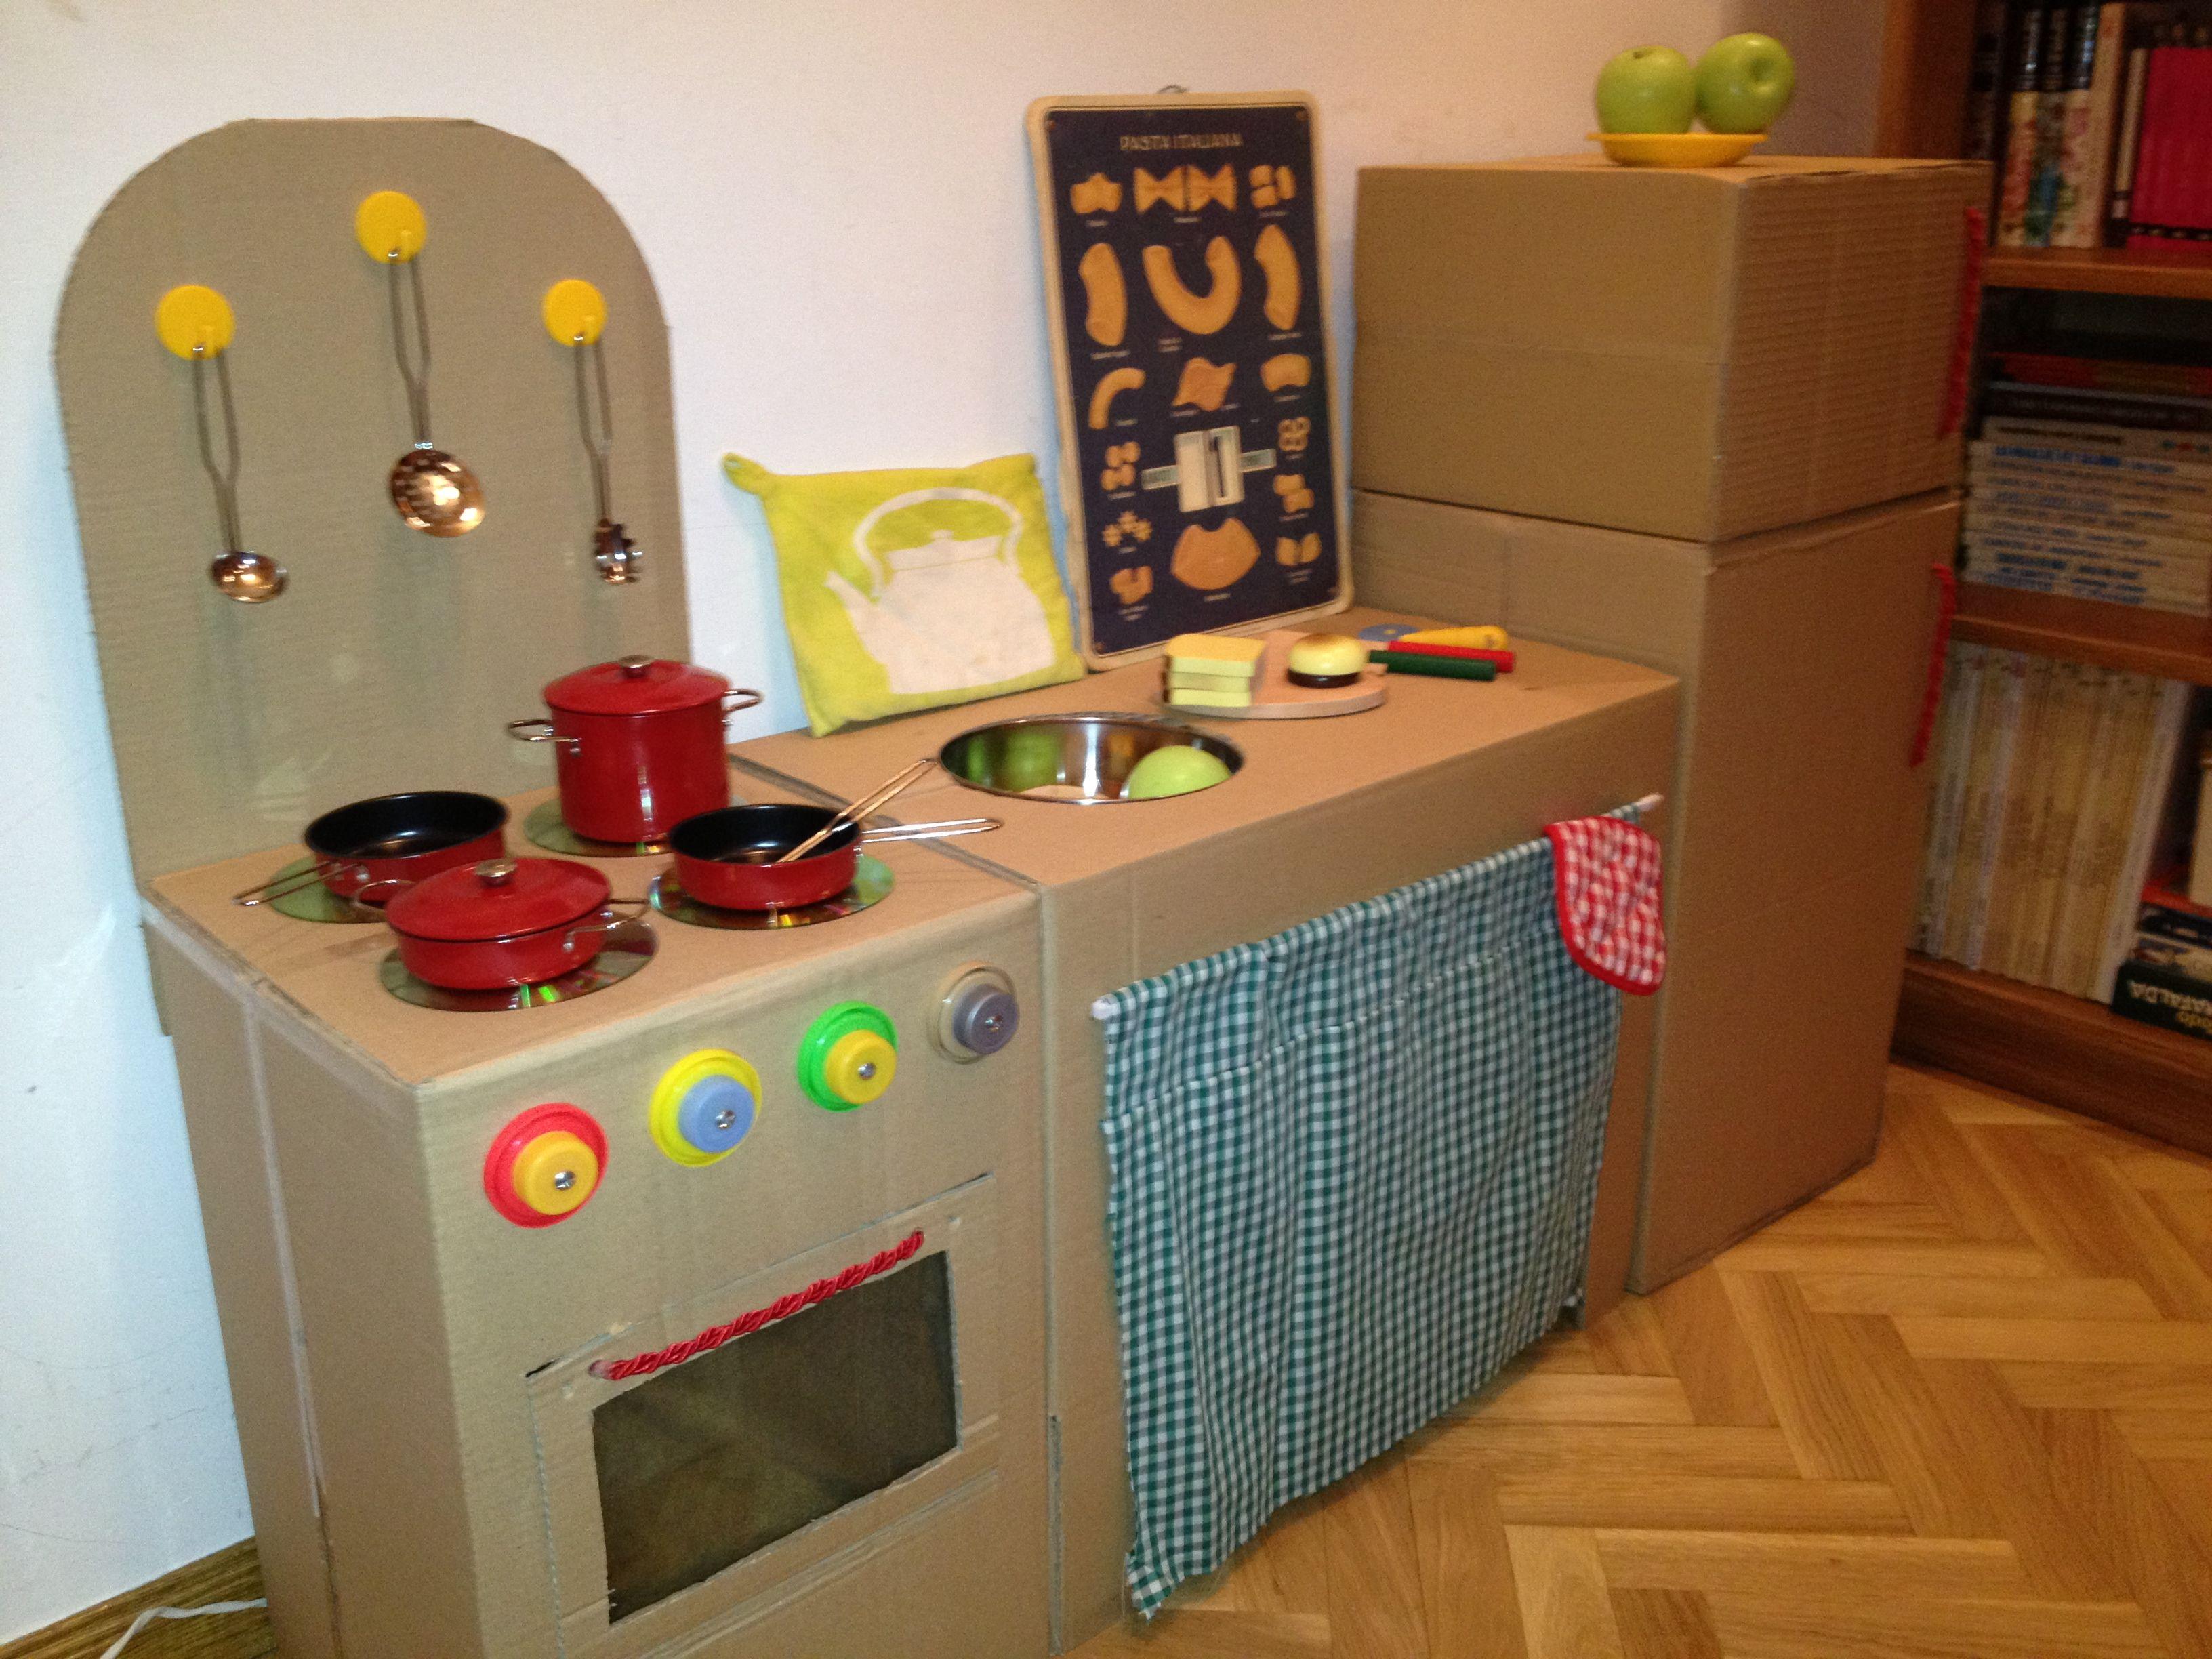 juguetes de cartn juguetes reciclados nios ideas originales casitas reciclaje hijas palets rincon